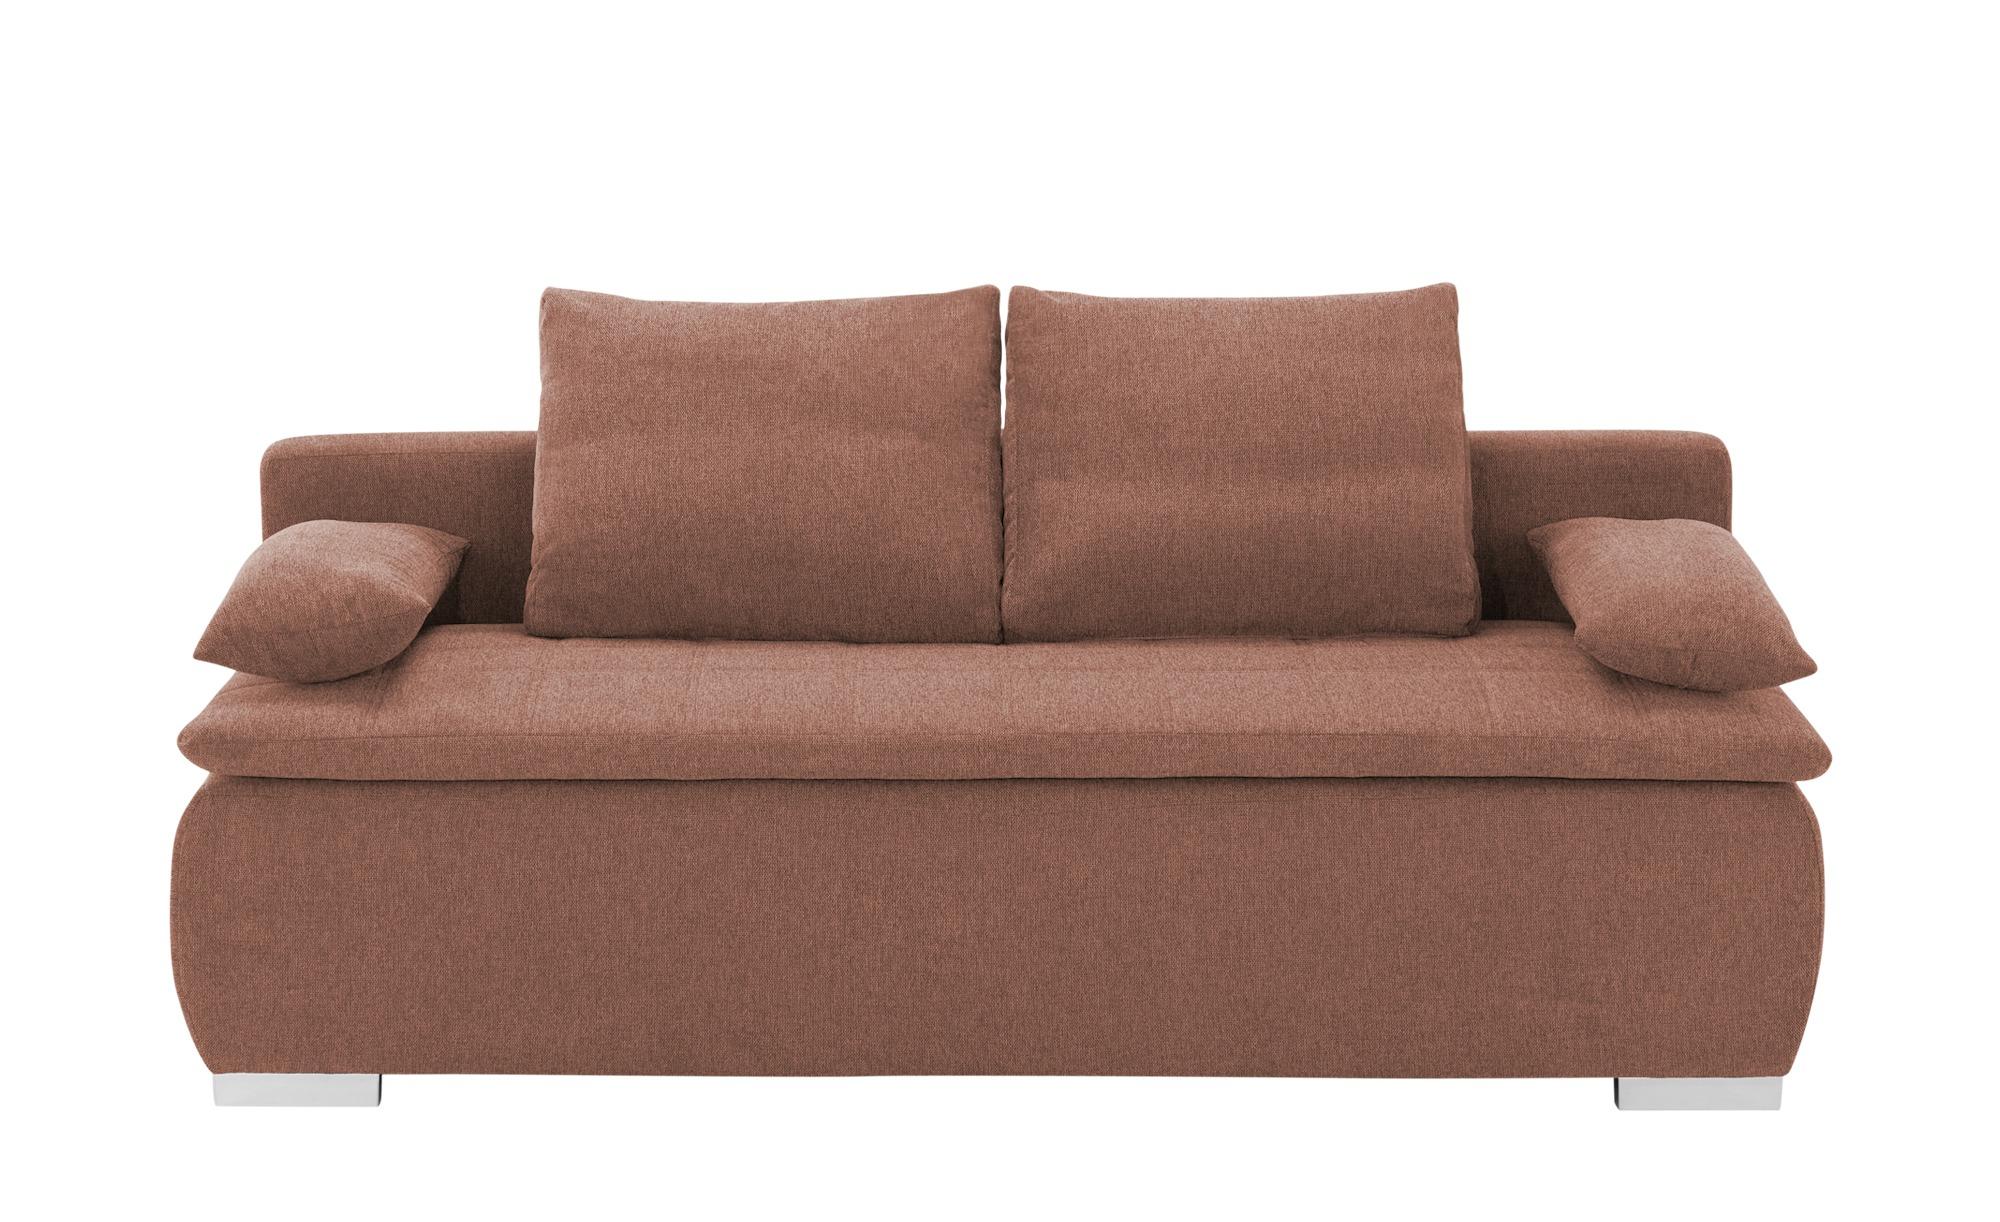 smart Schlafsofa  Leonie ¦ orange ¦ Maße (cm): B: 198 H: 92 T: 90 Polstermöbel > Sofas > Einzelsofas - Höffner